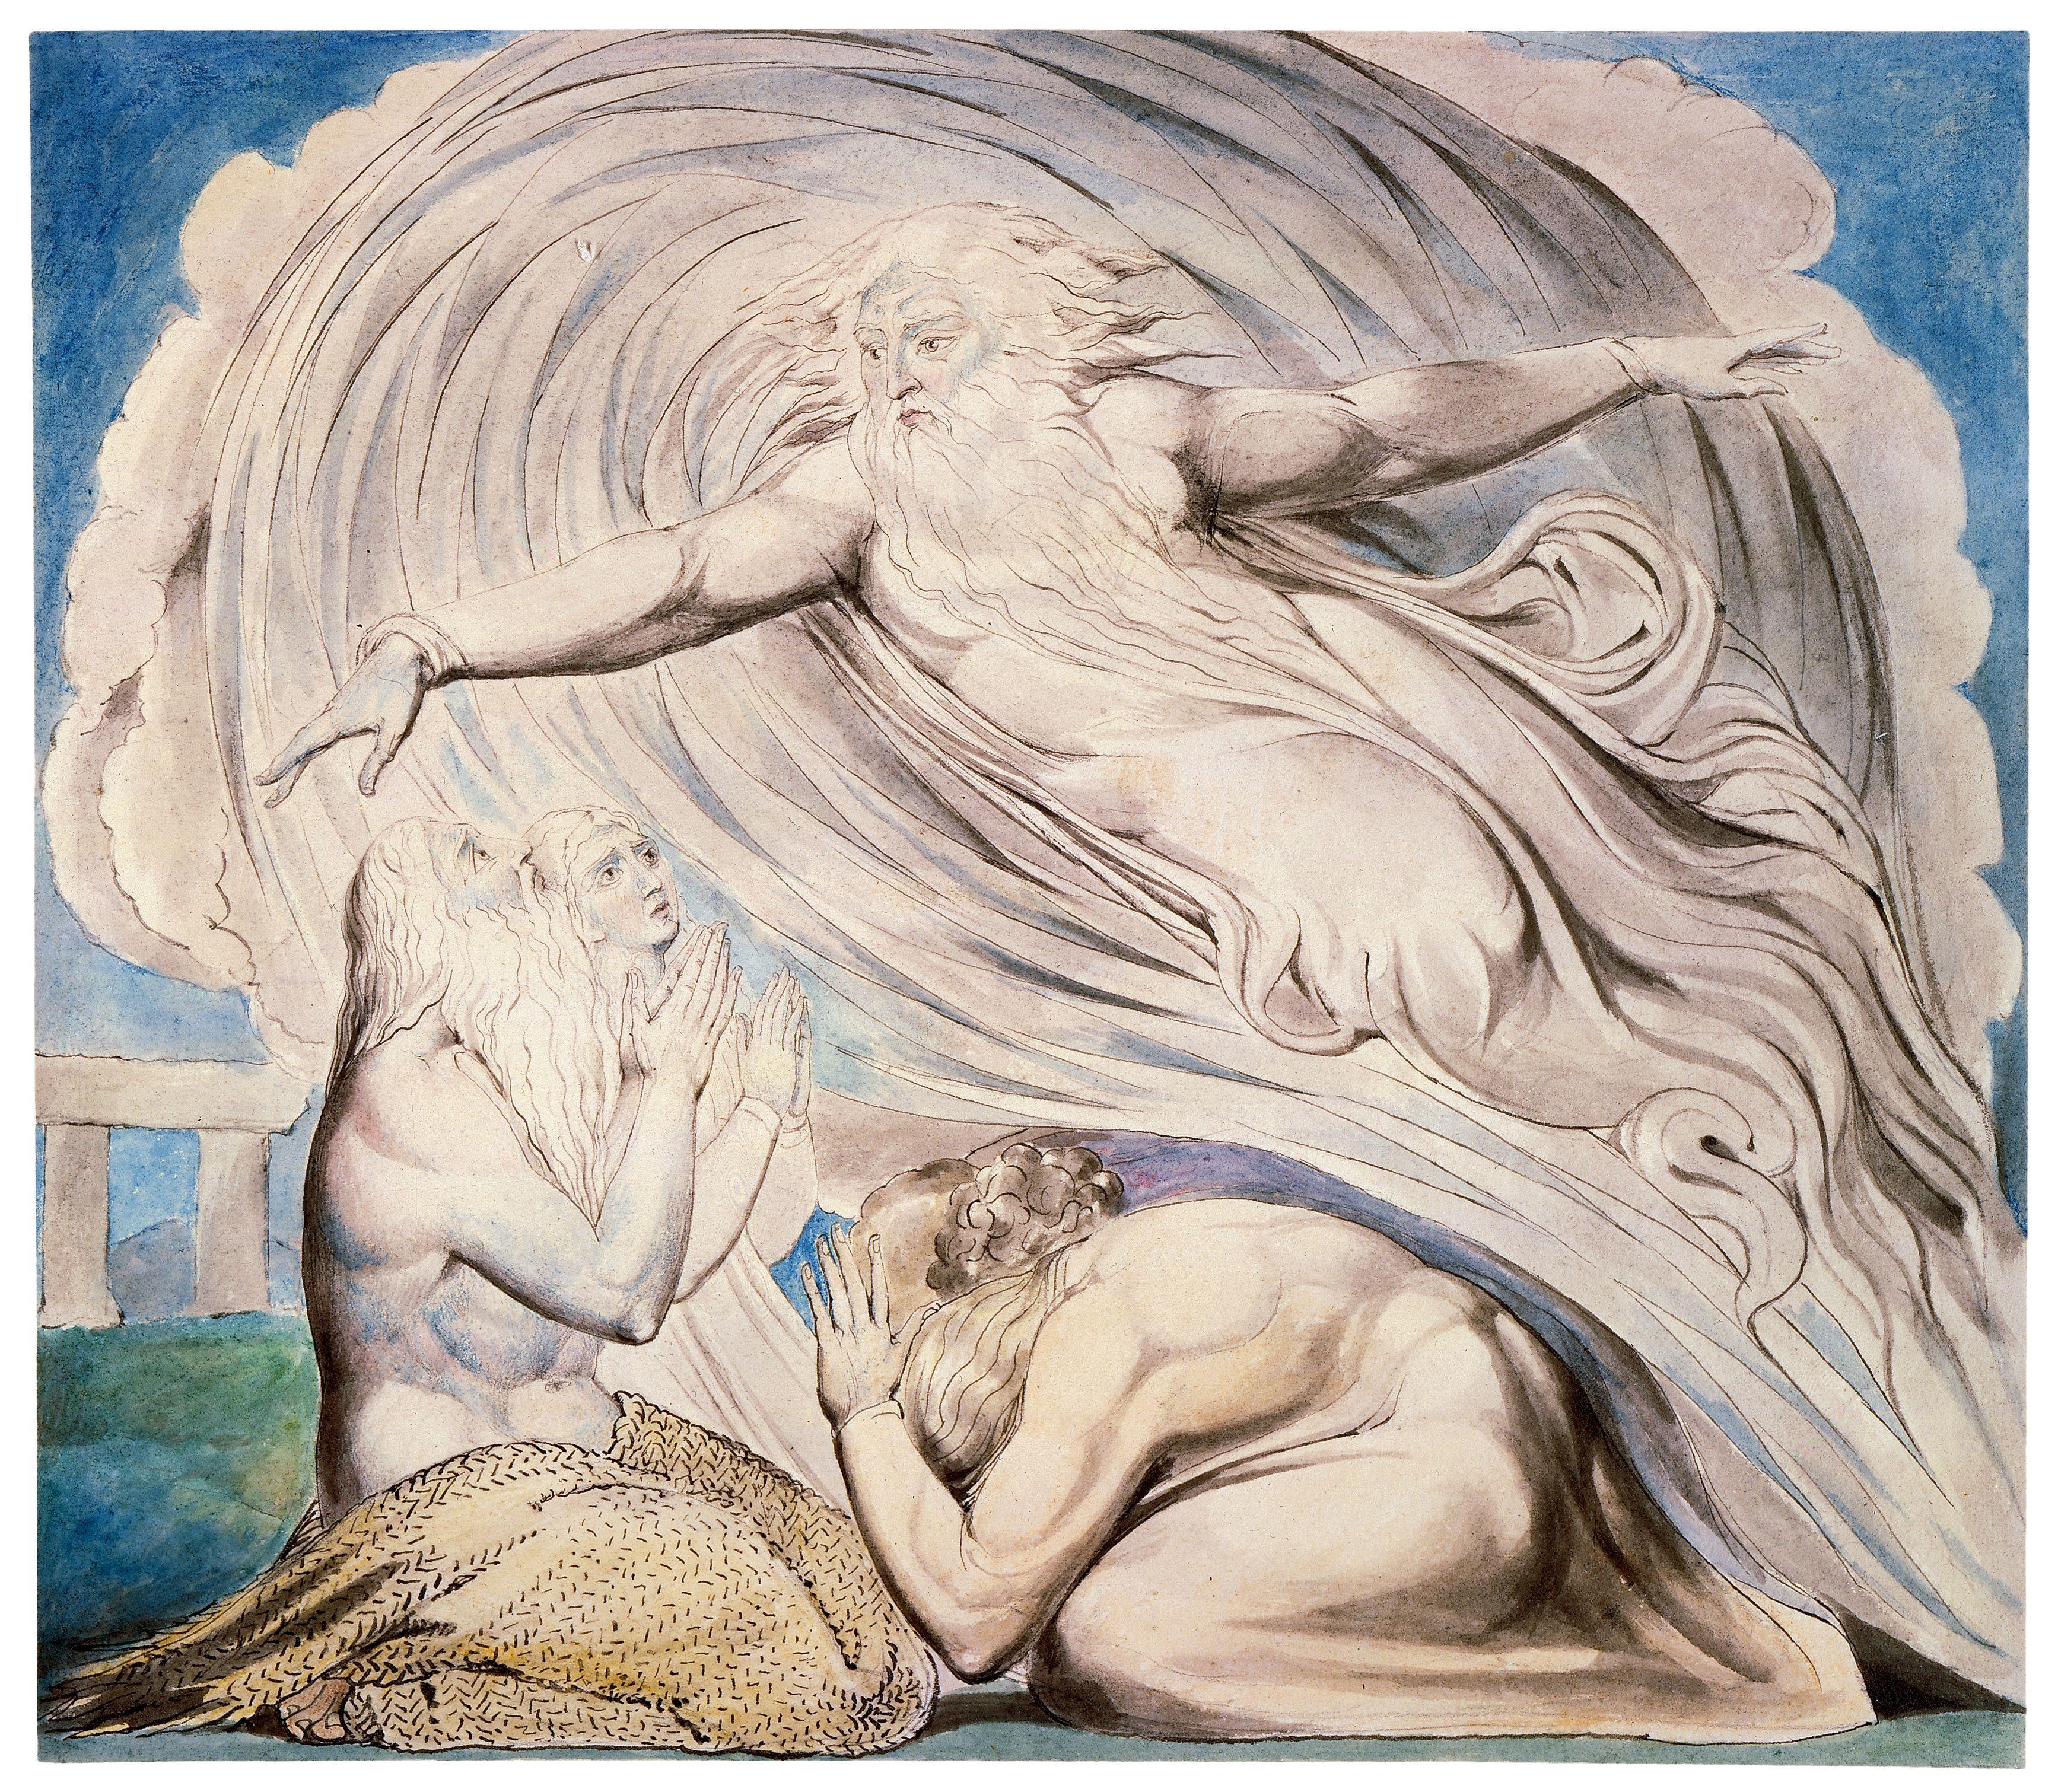 上图:英国诗人、画家威廉·布莱克(William Blake,1757-1827年)的版画《耶和华在旋风中回答约伯 The Lord Answering Job out of the Whirlwind》,描绘「那时,耶和华从旋风中回答约伯」(伯三十八1)。